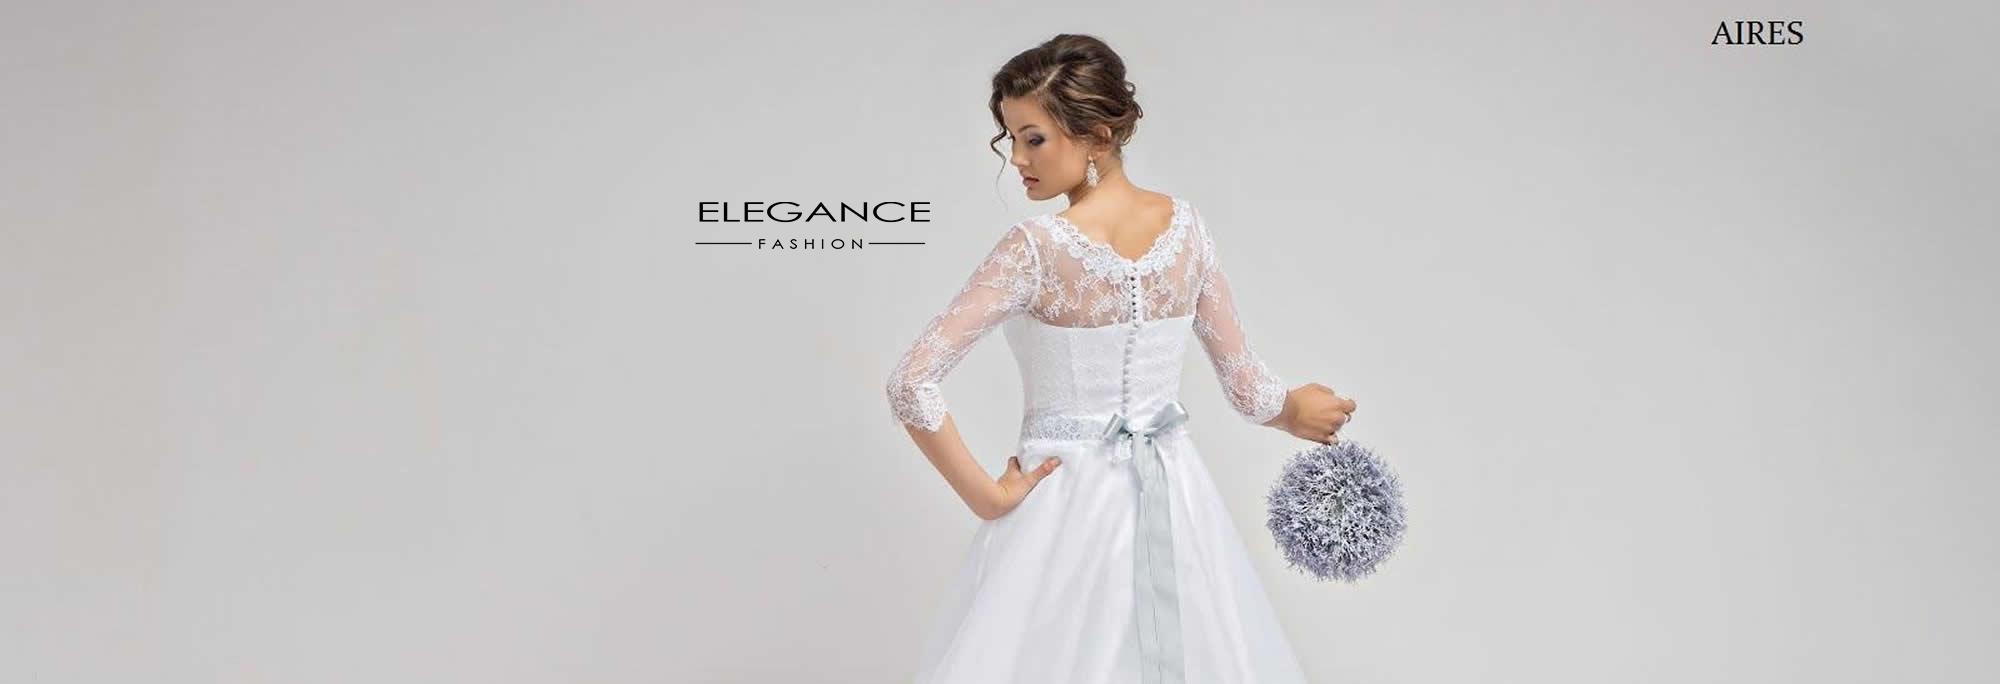 Formal Cool Hochzeitskleider Shop Vertrieb13 Schön Hochzeitskleider Shop Design